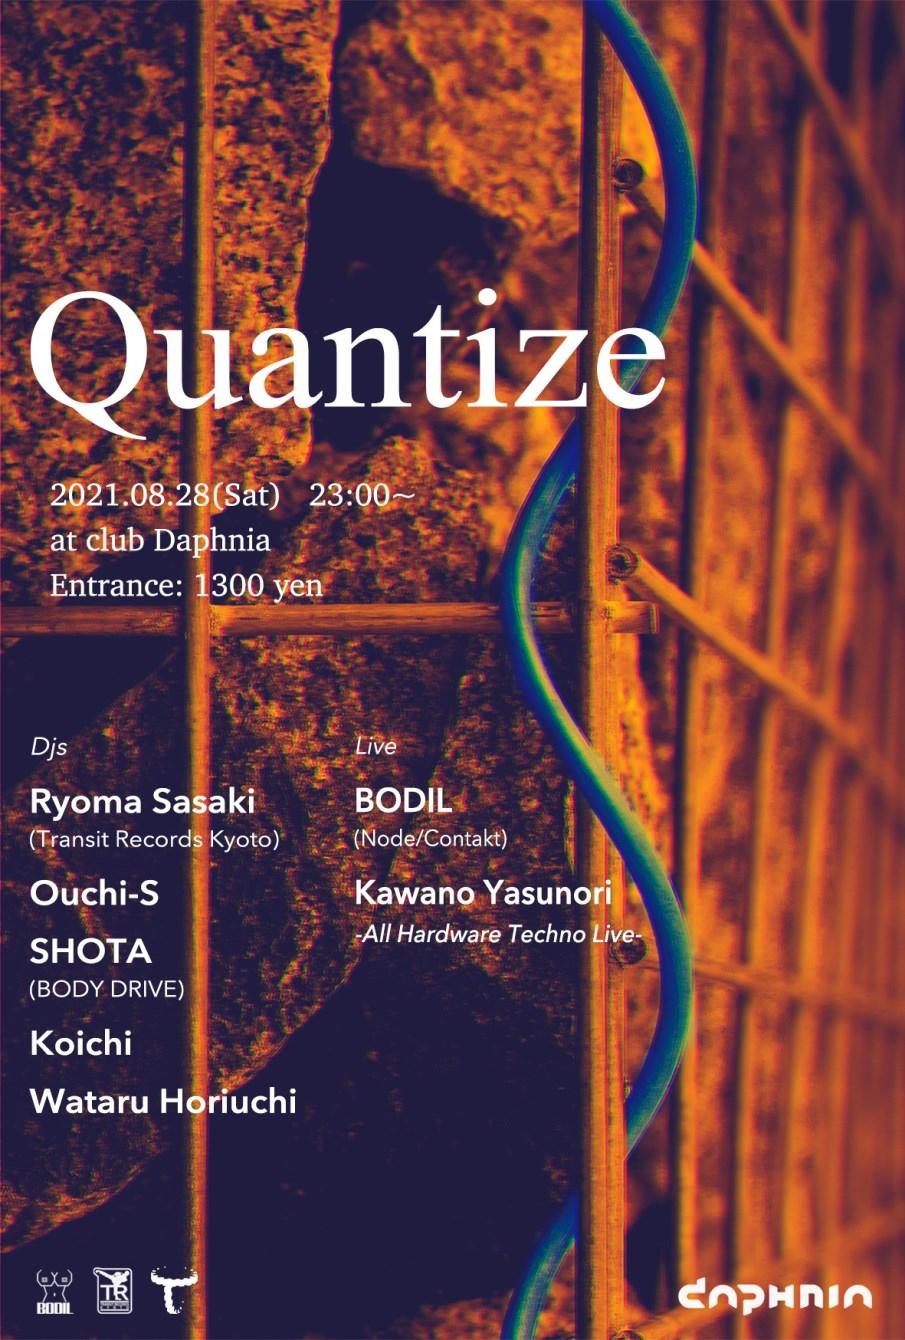 Quantize - Flyer front